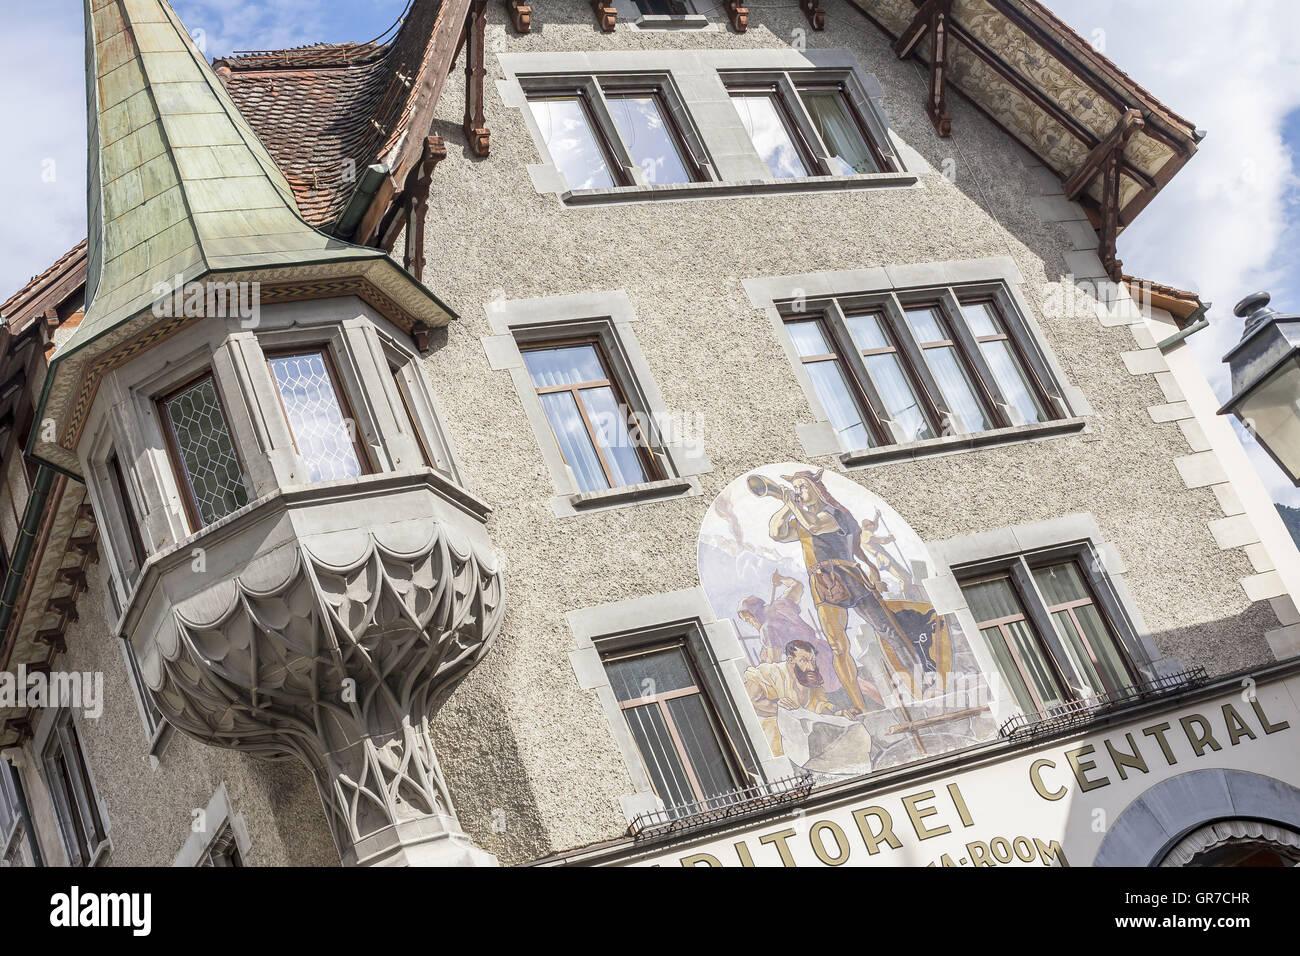 Als Denkmal Oder Auch Malerei Allgegenwärtig In Altdorf - Stock Image